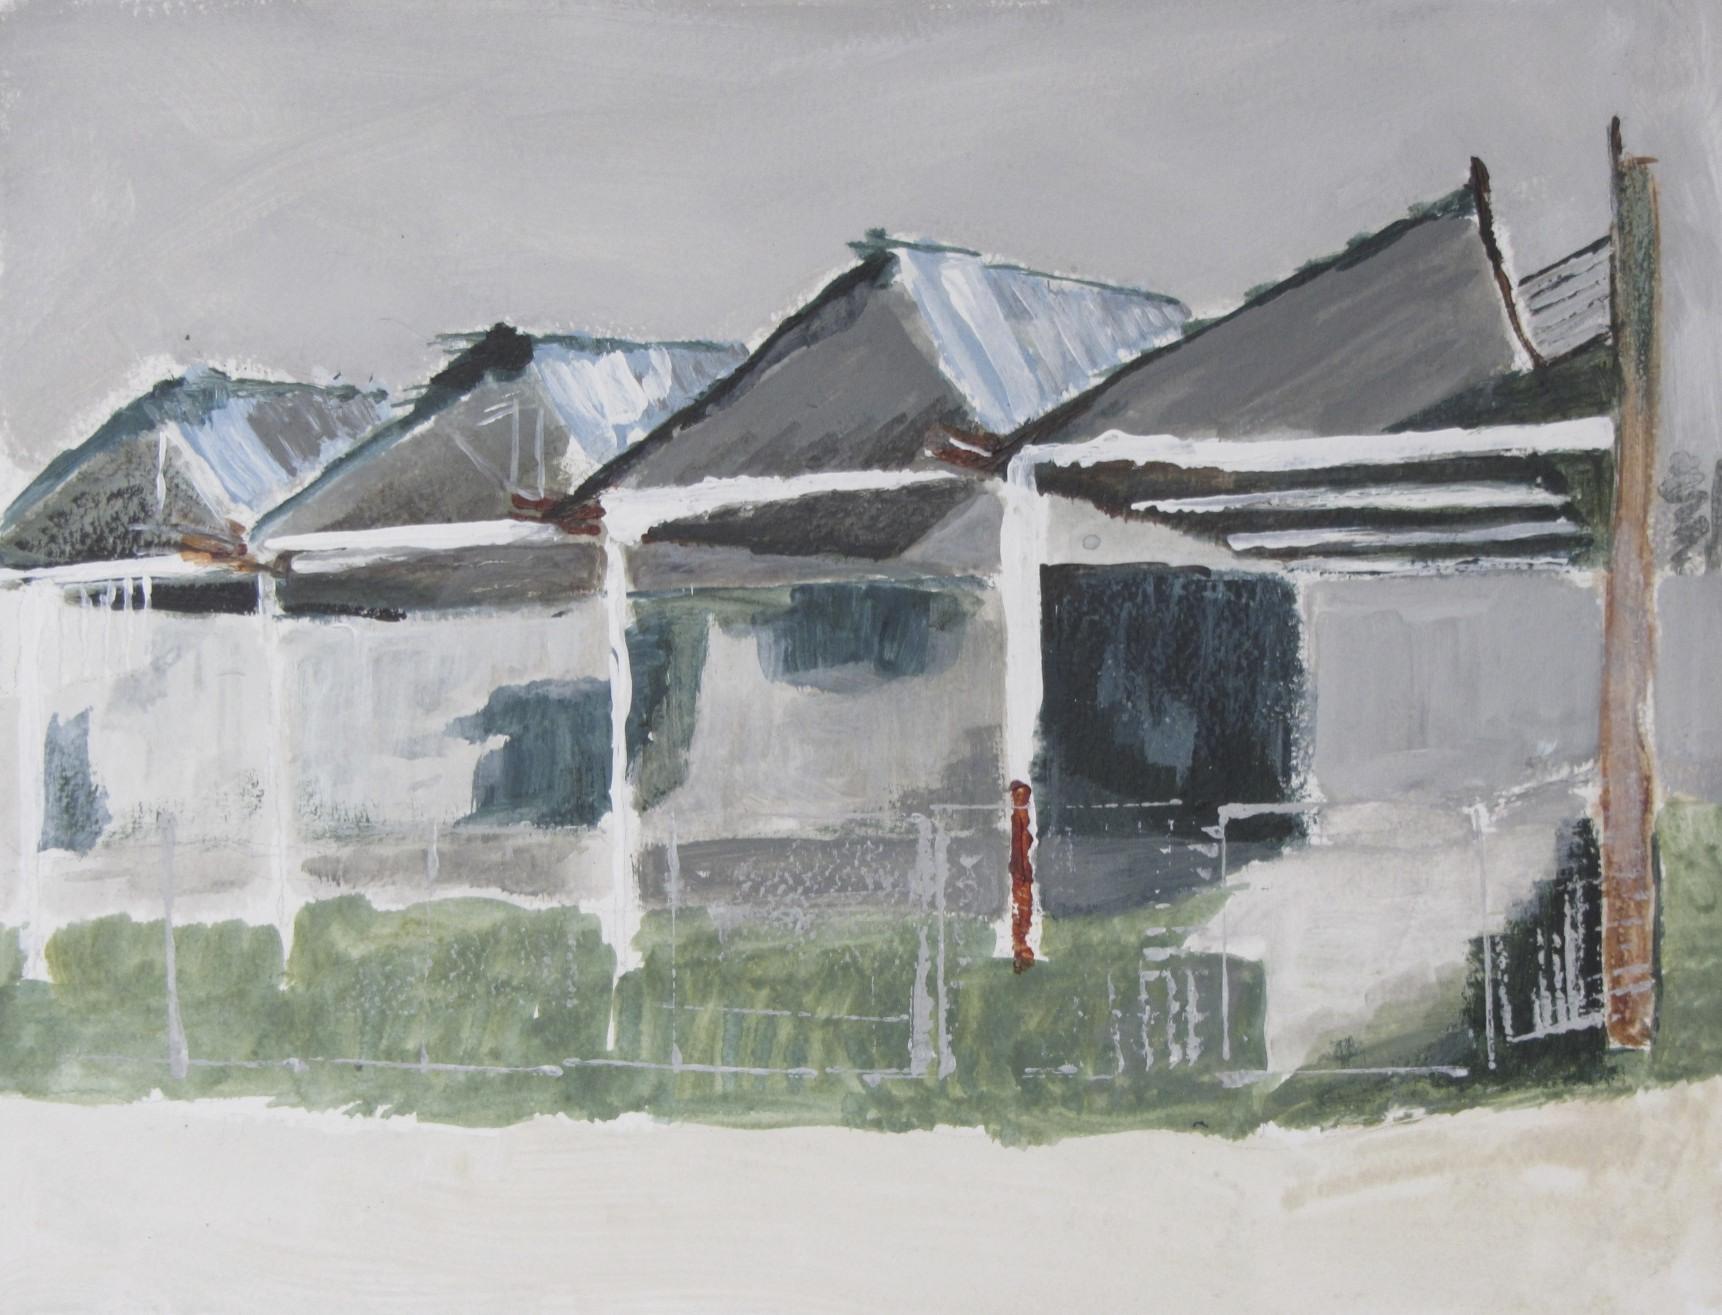 Sheddaken op Indiëcomplex 2 | Acryl op papier | 43 x 52,5 cm